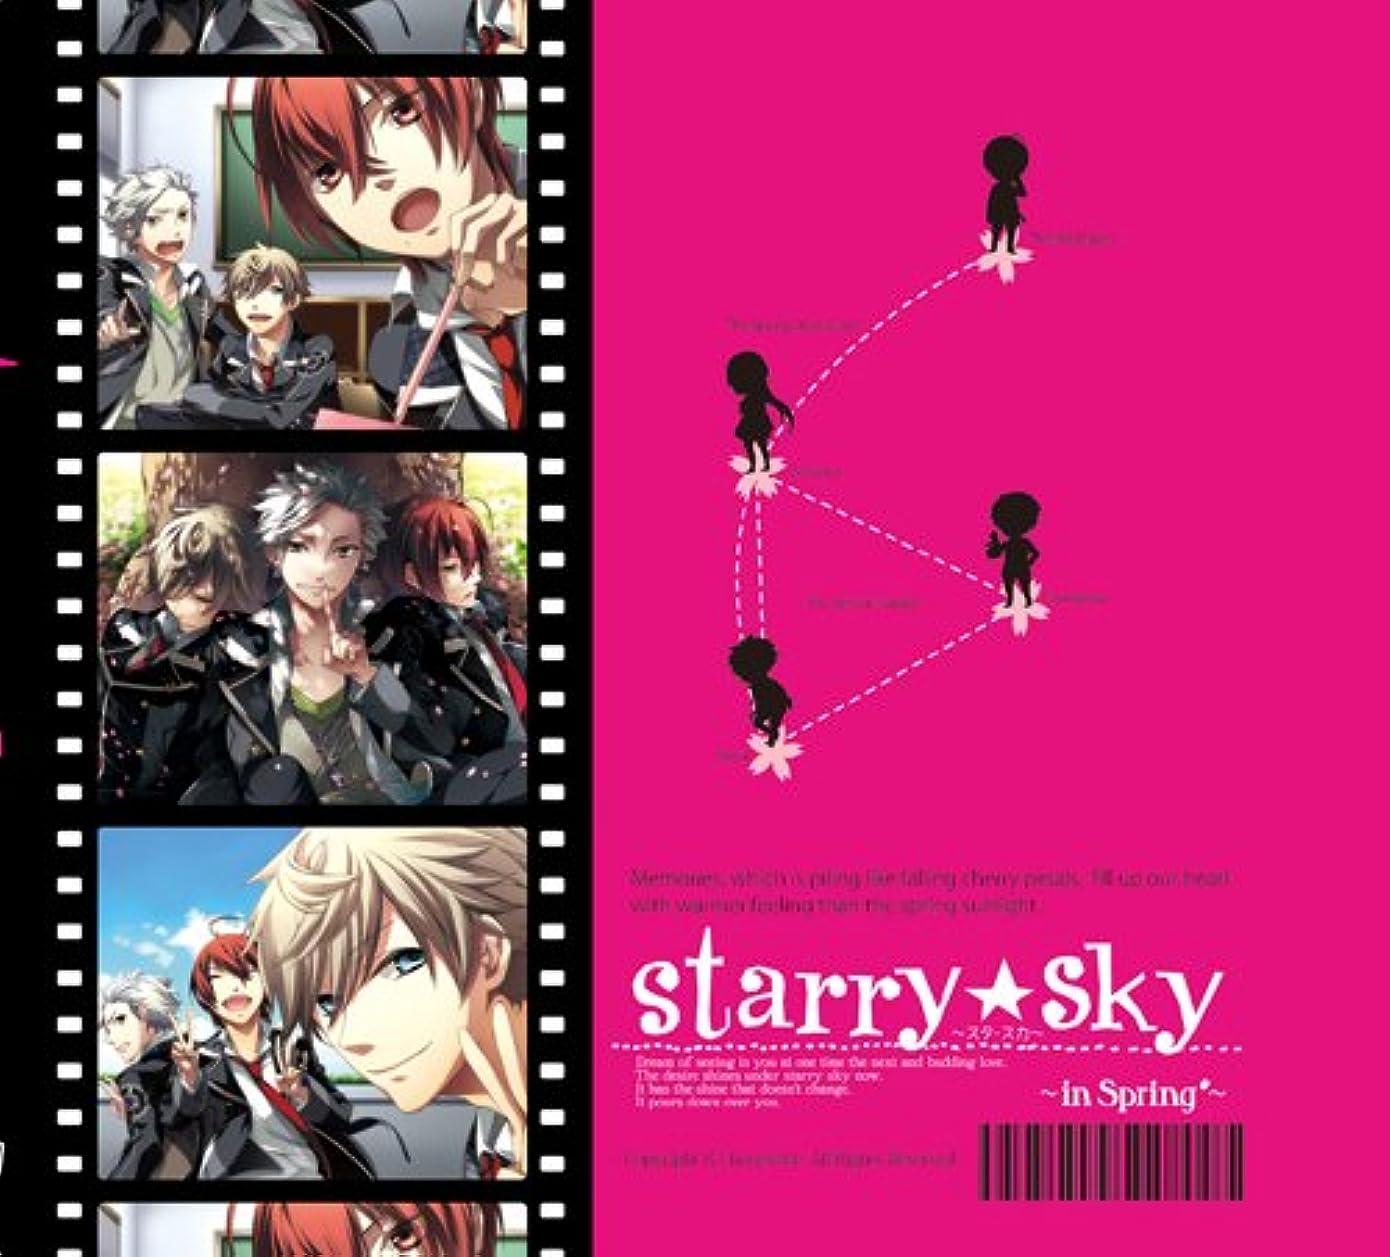 概して文句を言う撃退するプラネタリウムCD&ゲーム「Starry☆Sky?in Spring?」